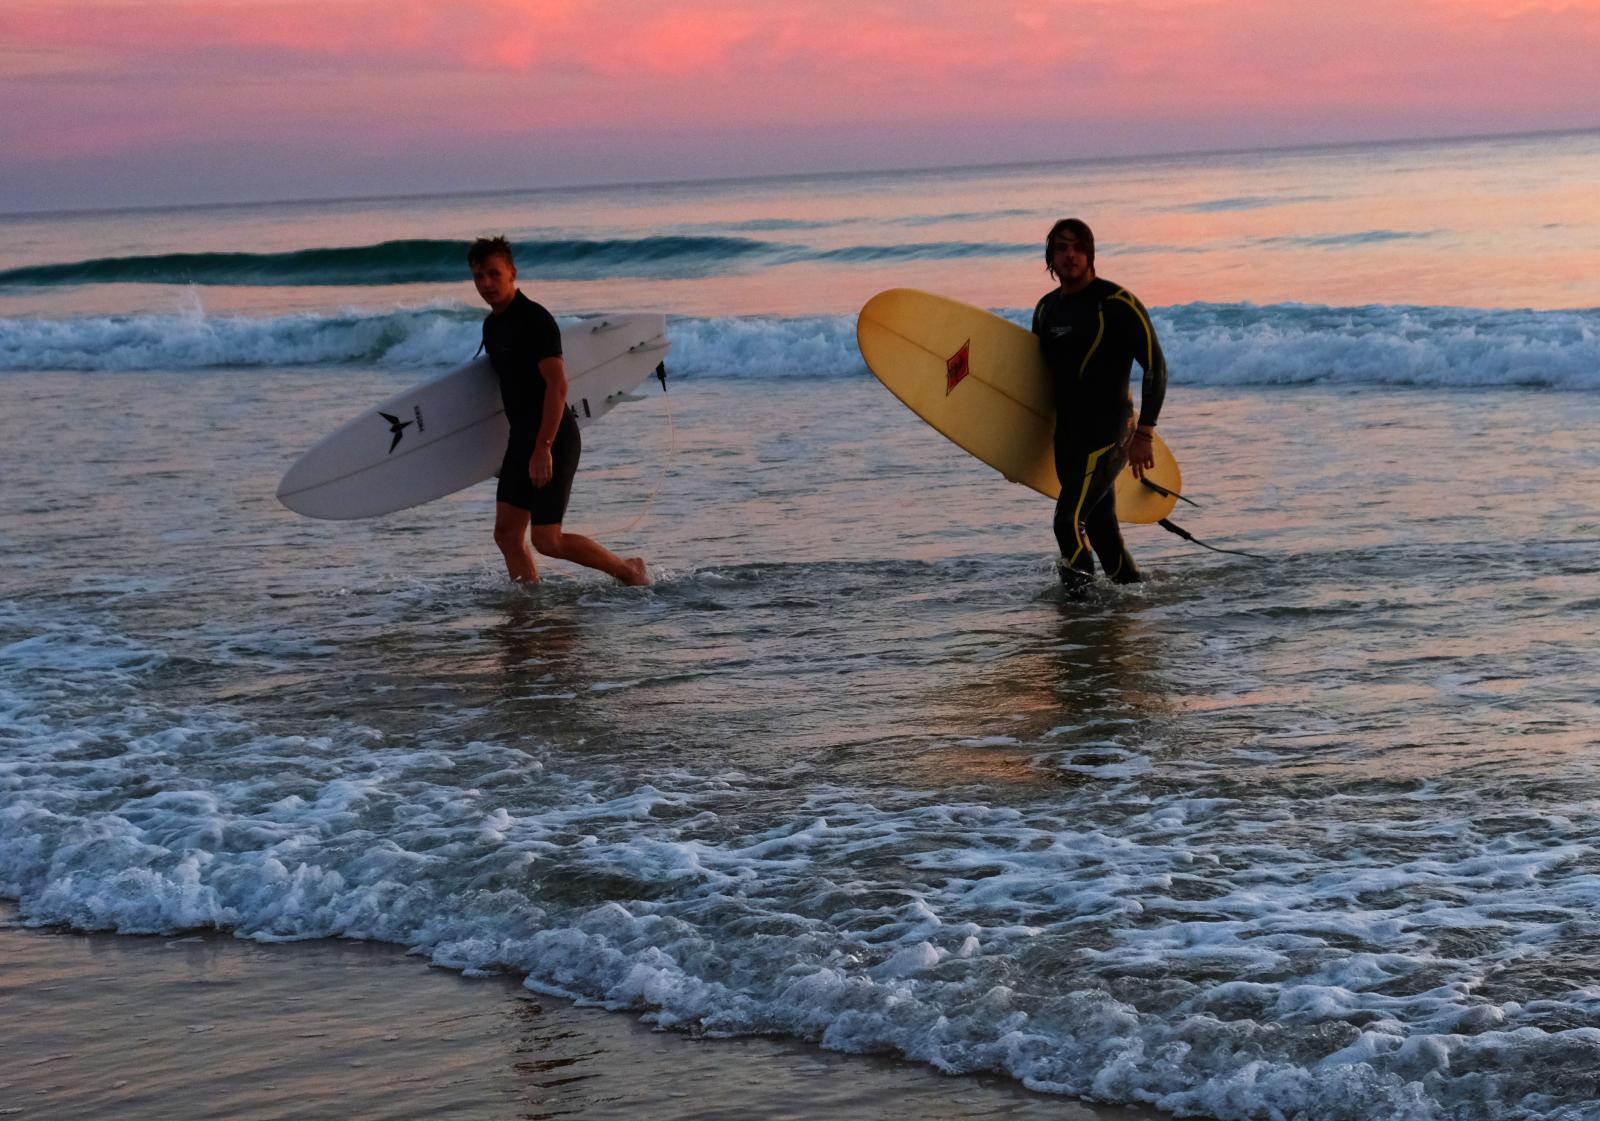 Vattensporter är populärt längs Atlantkusten. Campingen hyr ut brädor och ger lektioner.